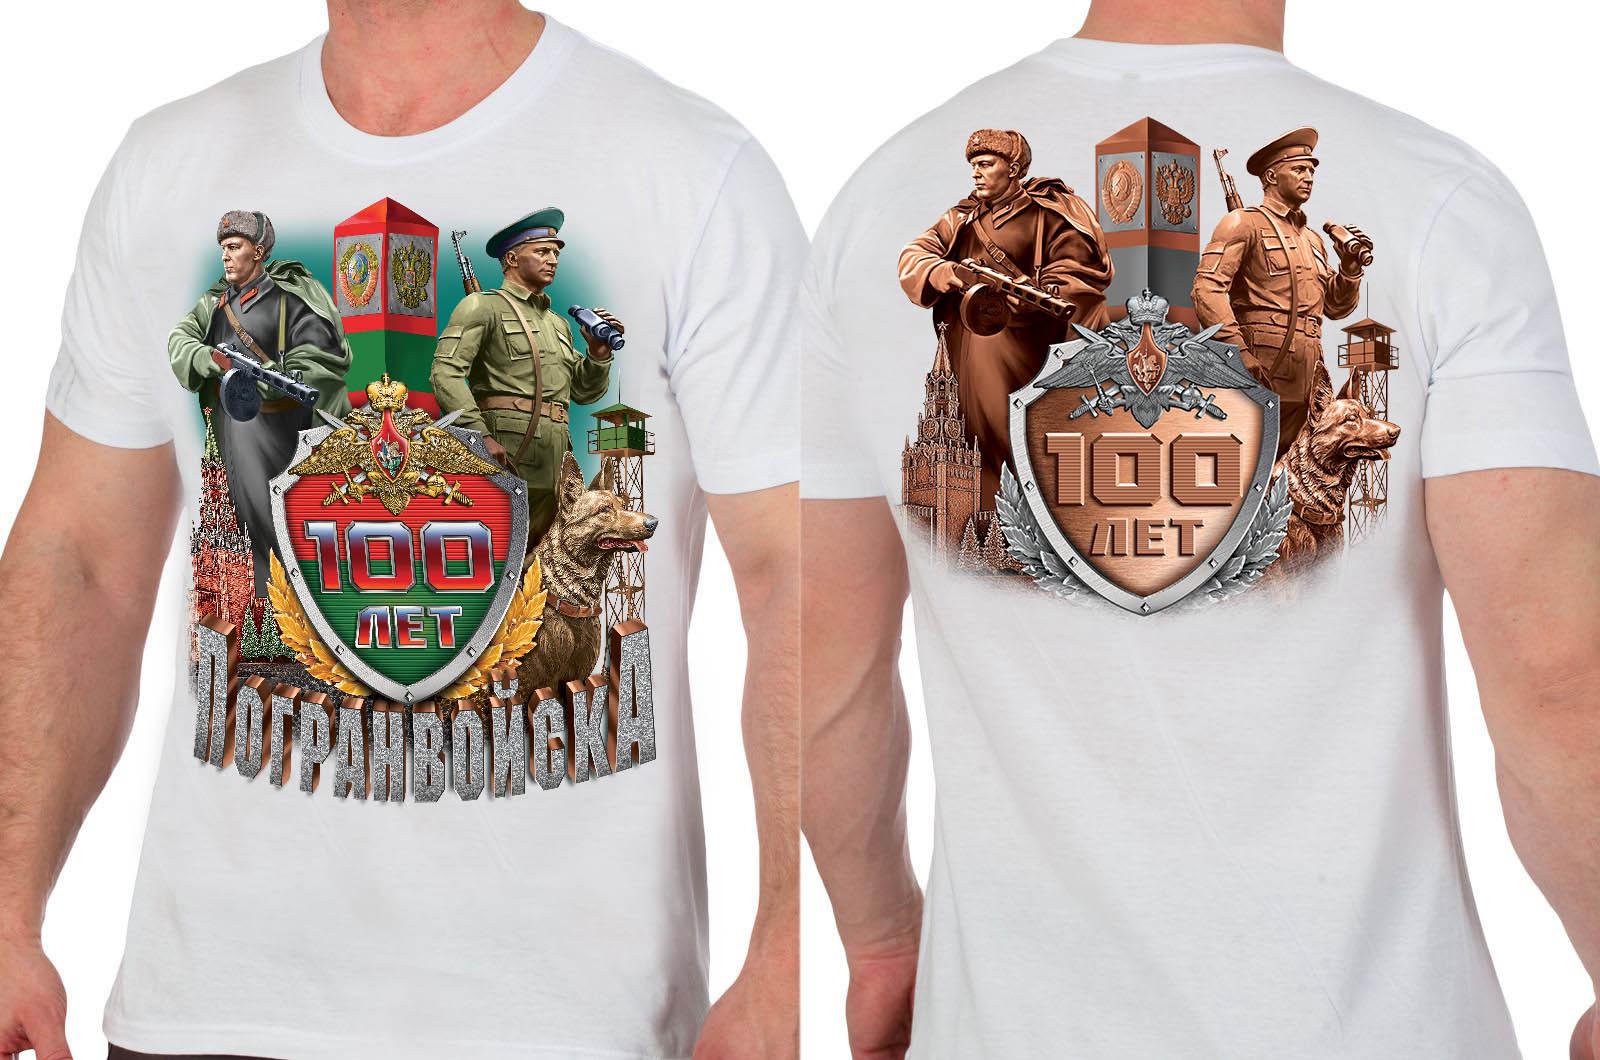 Заказать пограничную футболку к 100-летию ПВ России с доставкой и самовывозом